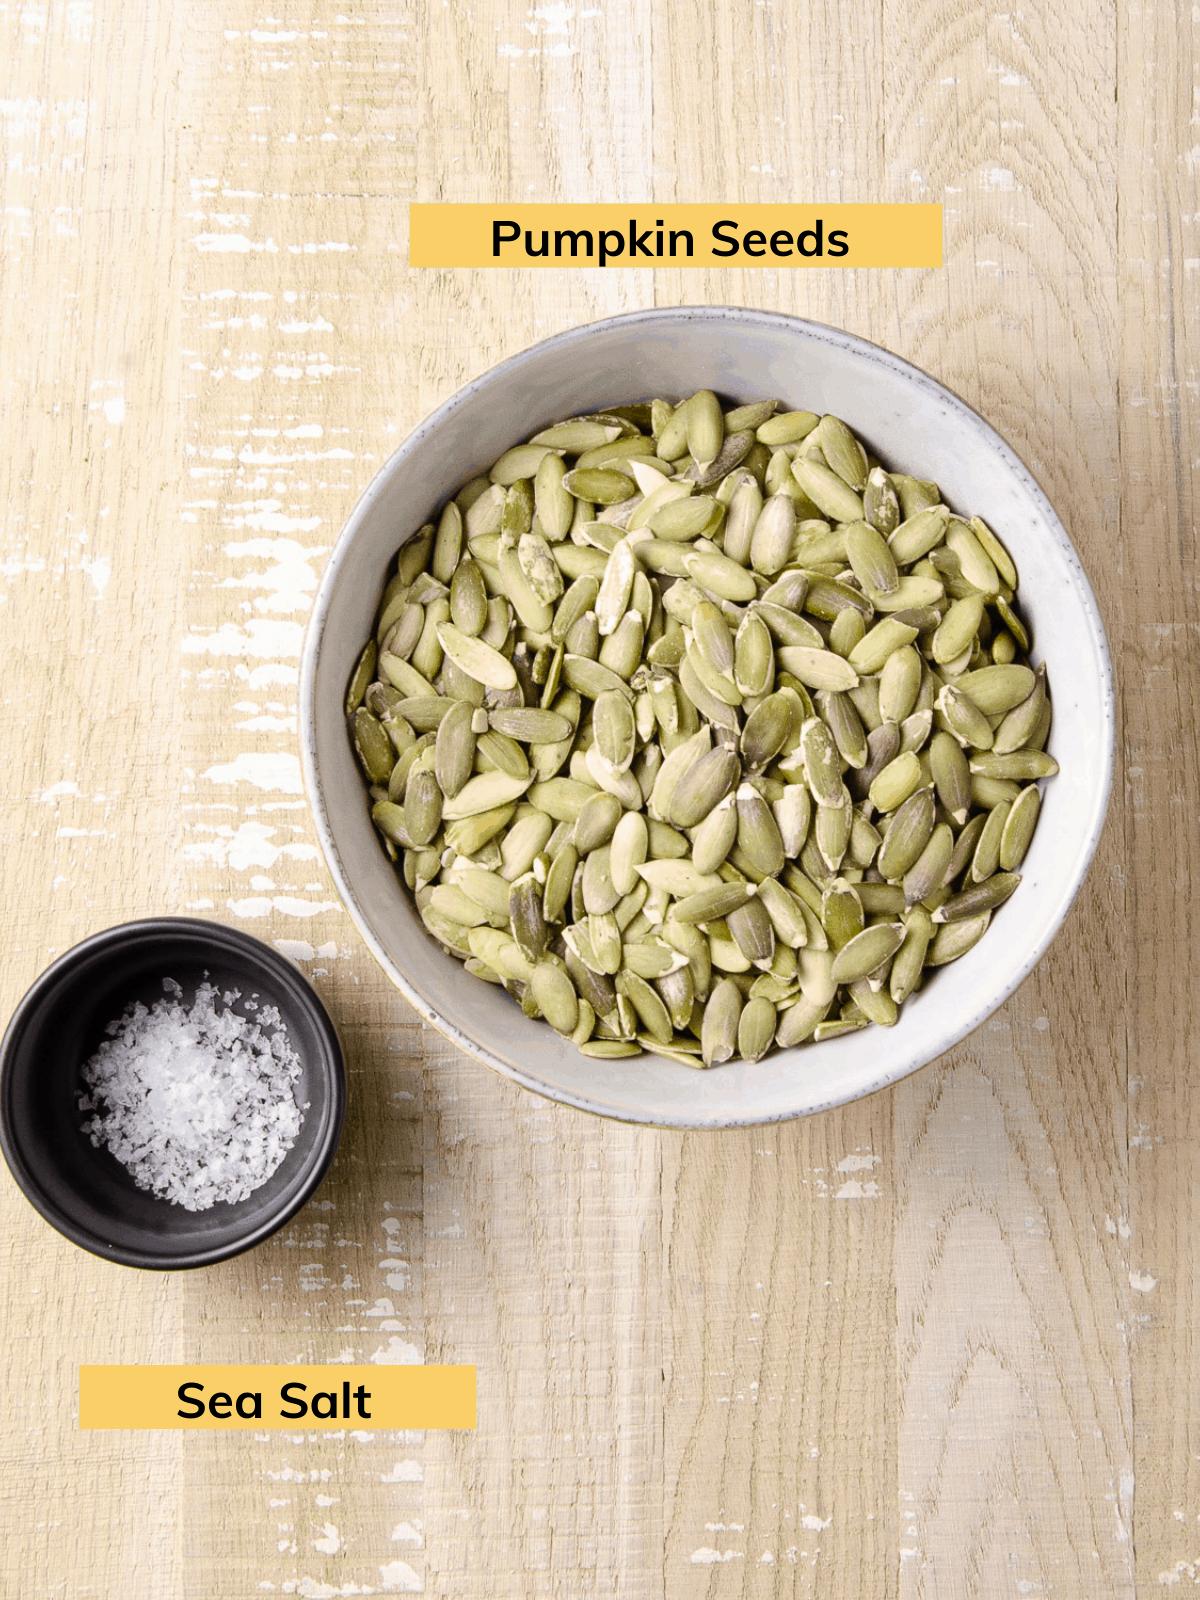 Ingredients for pumpkin seed butter: pumpkin seeds and salt.